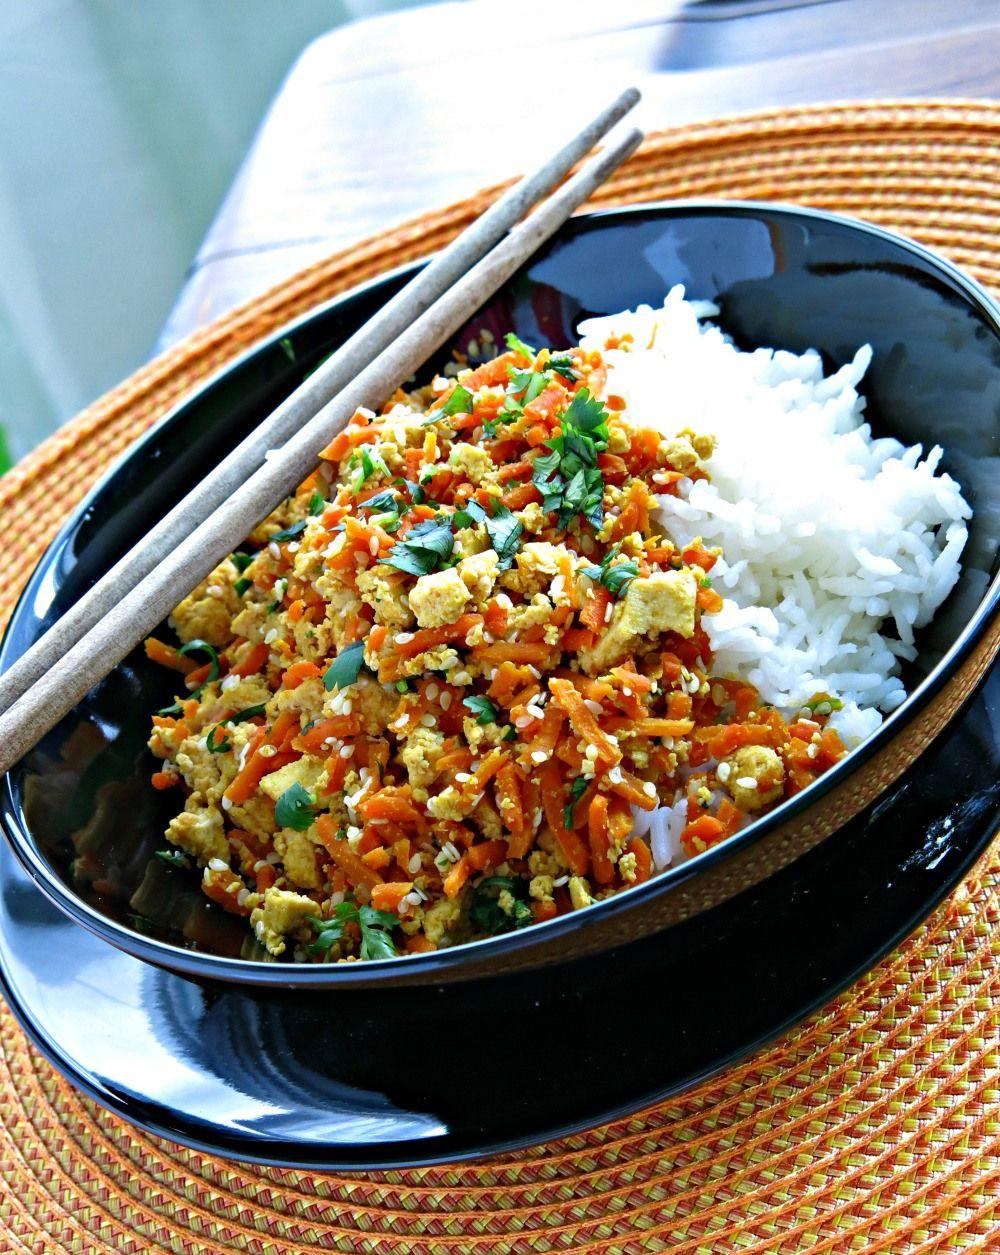 Carrot and Tofu Stir-Fry